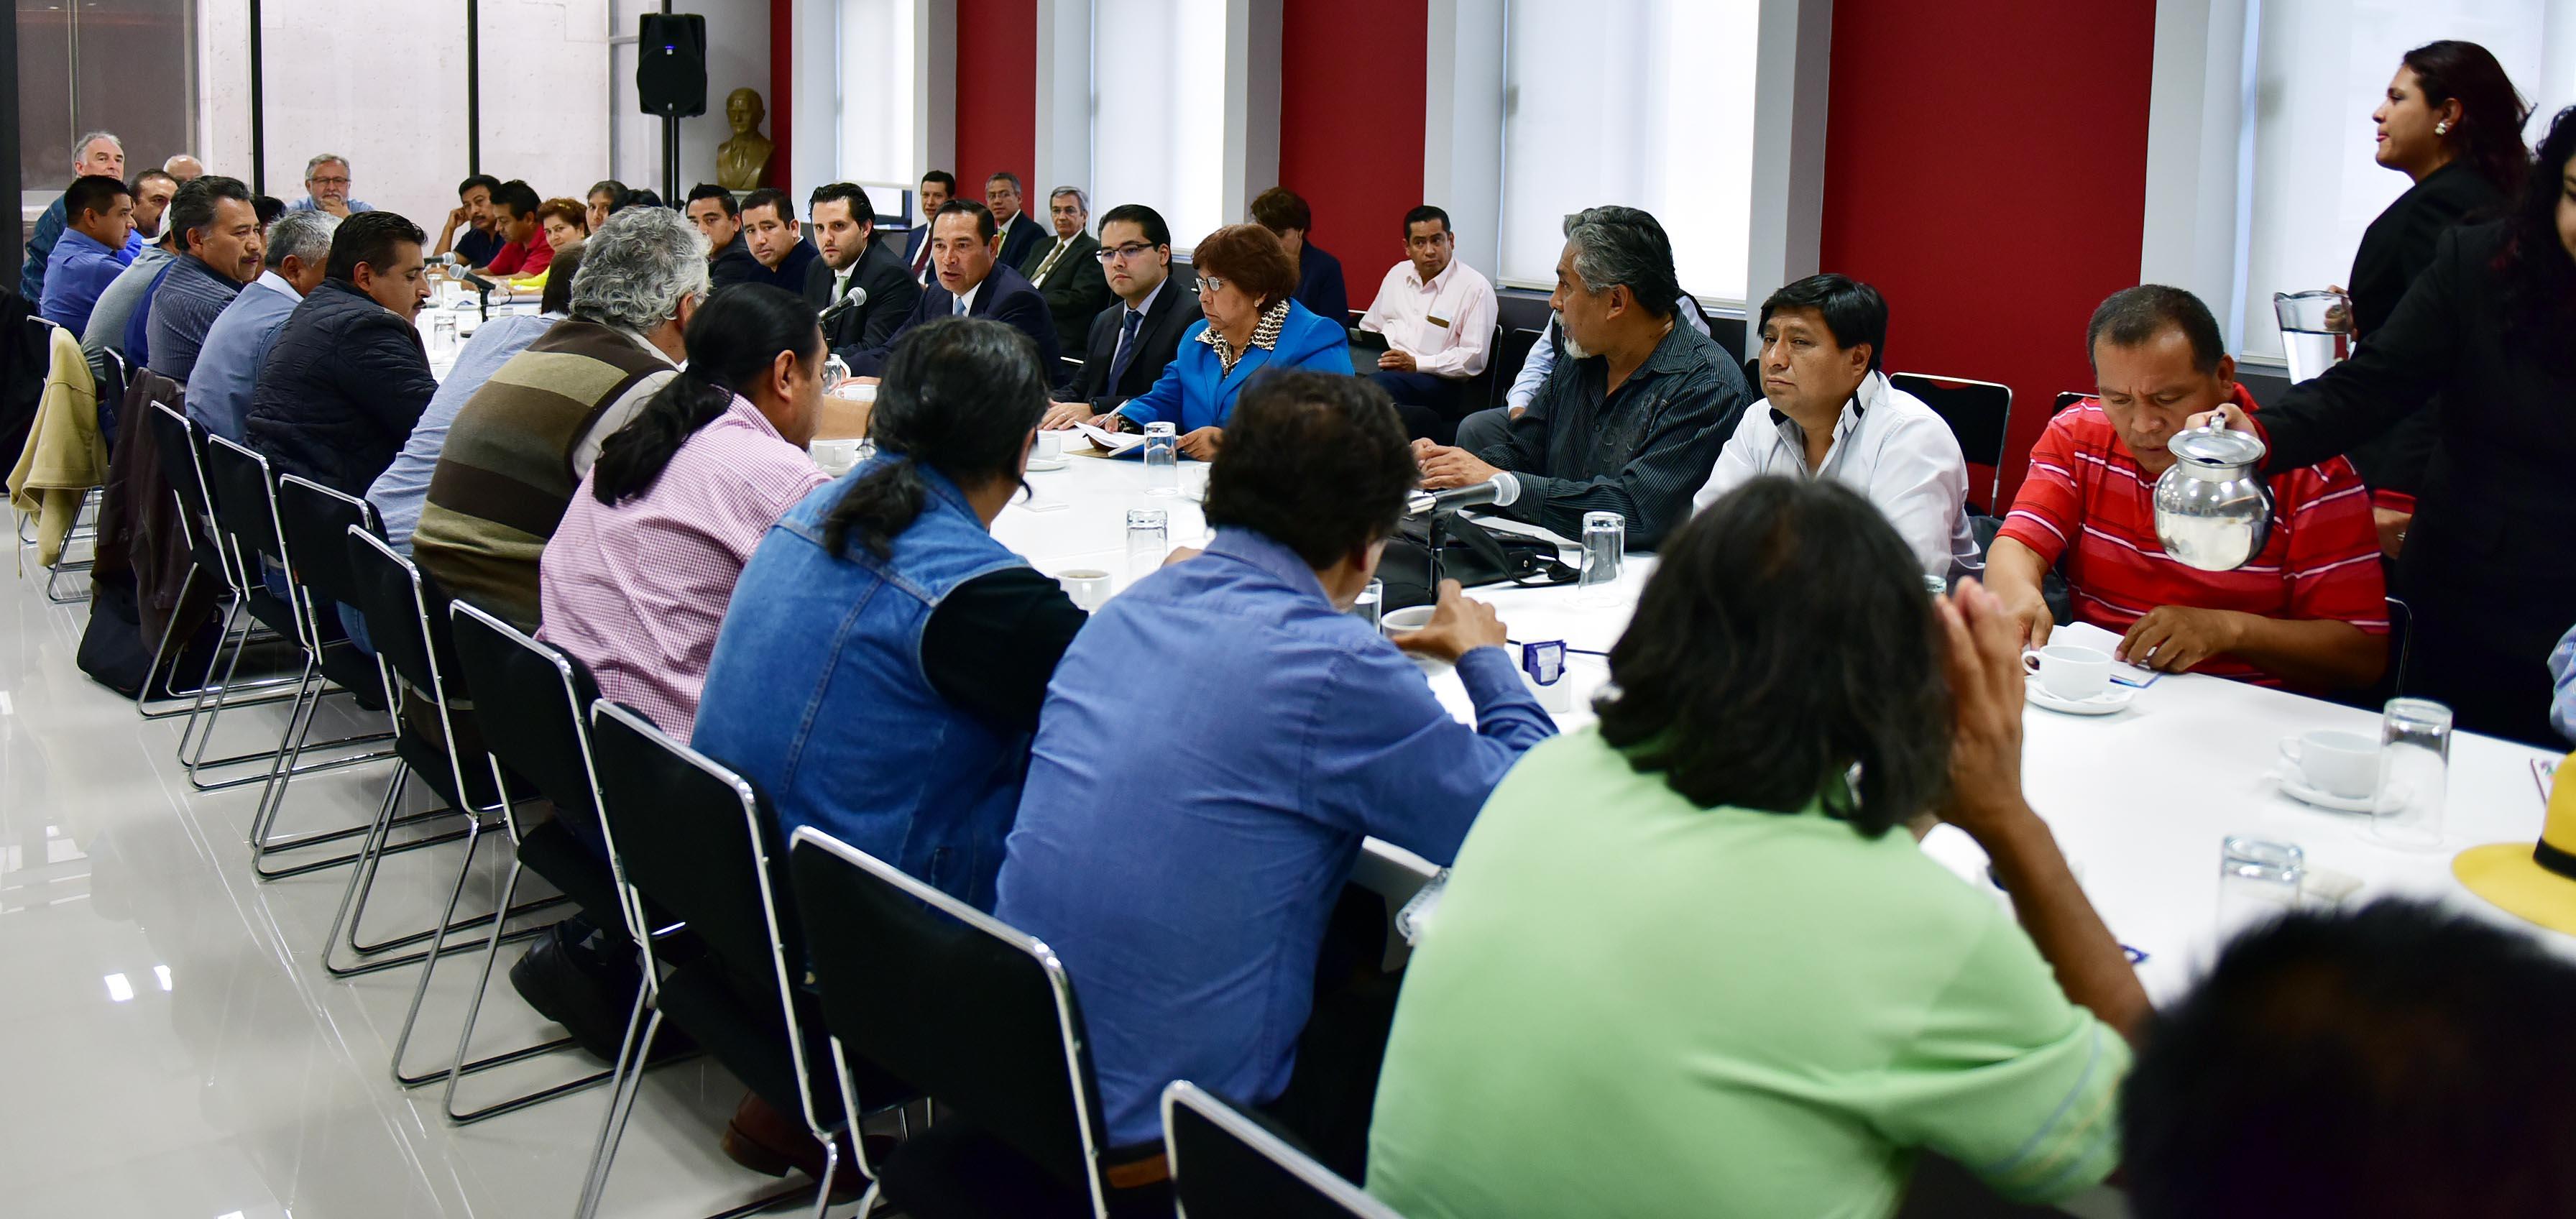 El Subsecretario de Gobierno, Luis Enrique Miranda Nava, acompañado del Coordinador de Asesores, Guillermo Lerdo de Tejada Servitje, fueron los encargados de encabezar la Mesa Política entre SEGOB y SNTE-CNTE